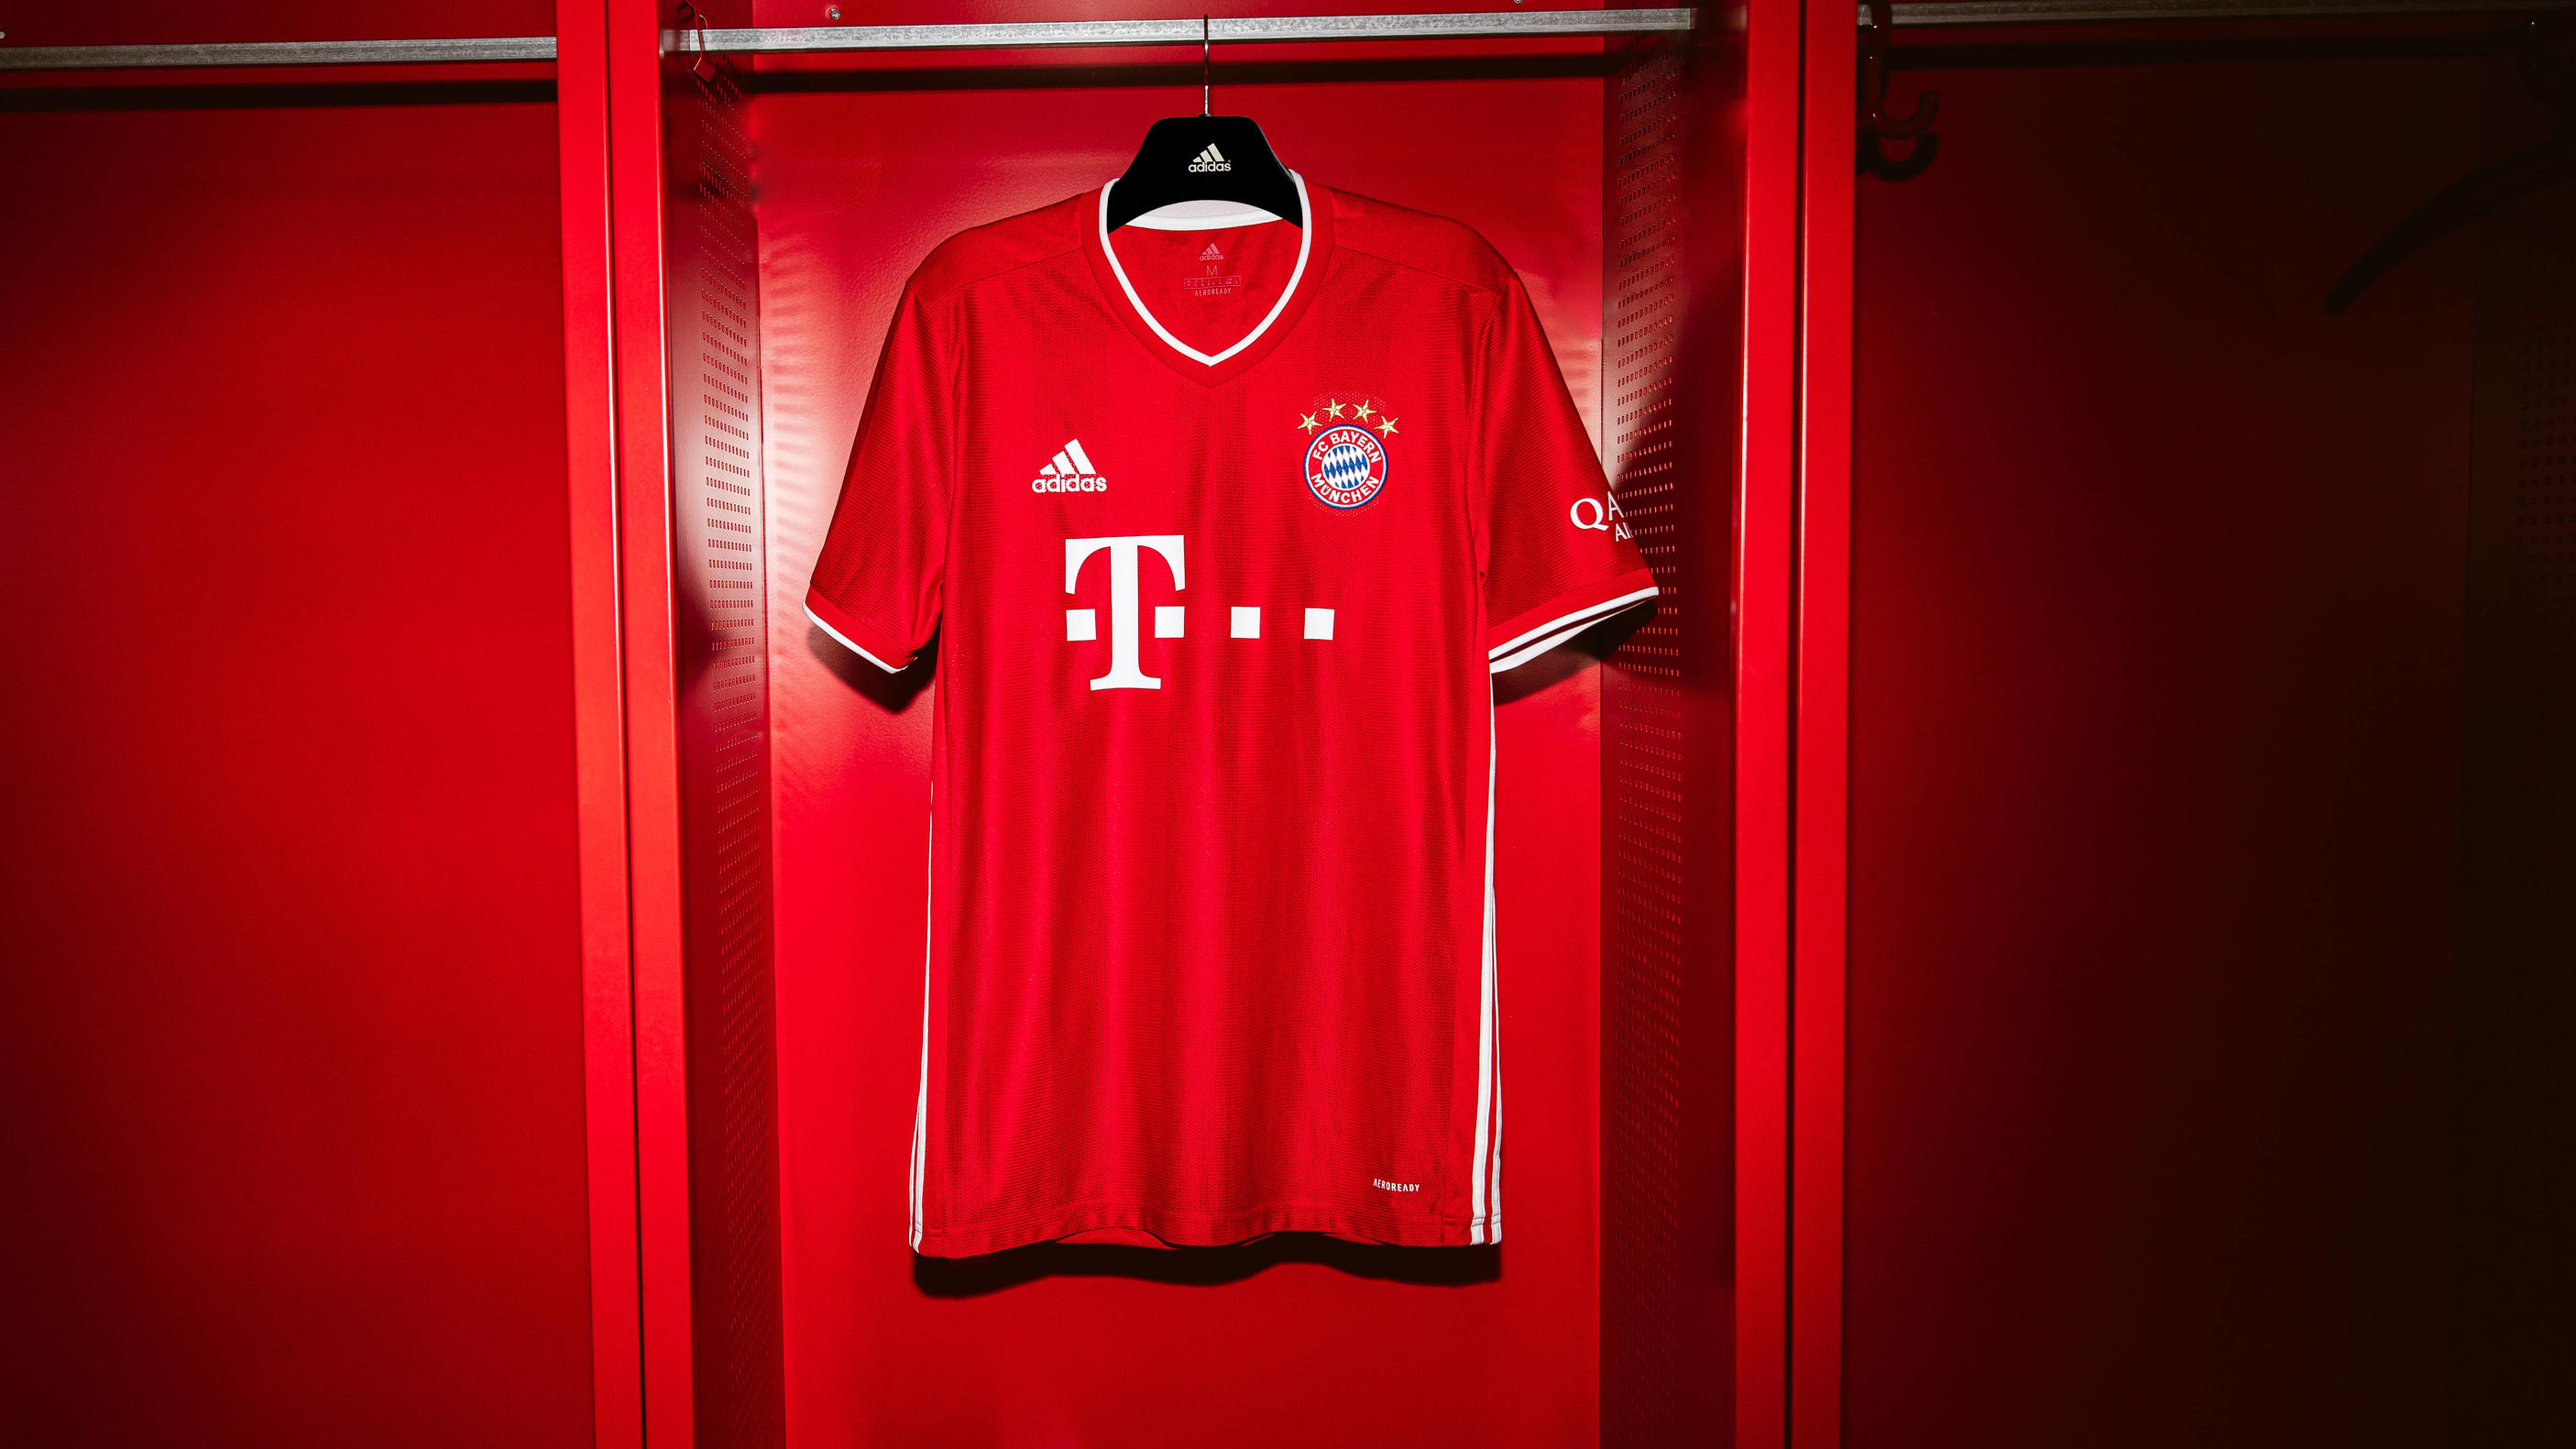 Testspiele Fc Bayern 2021